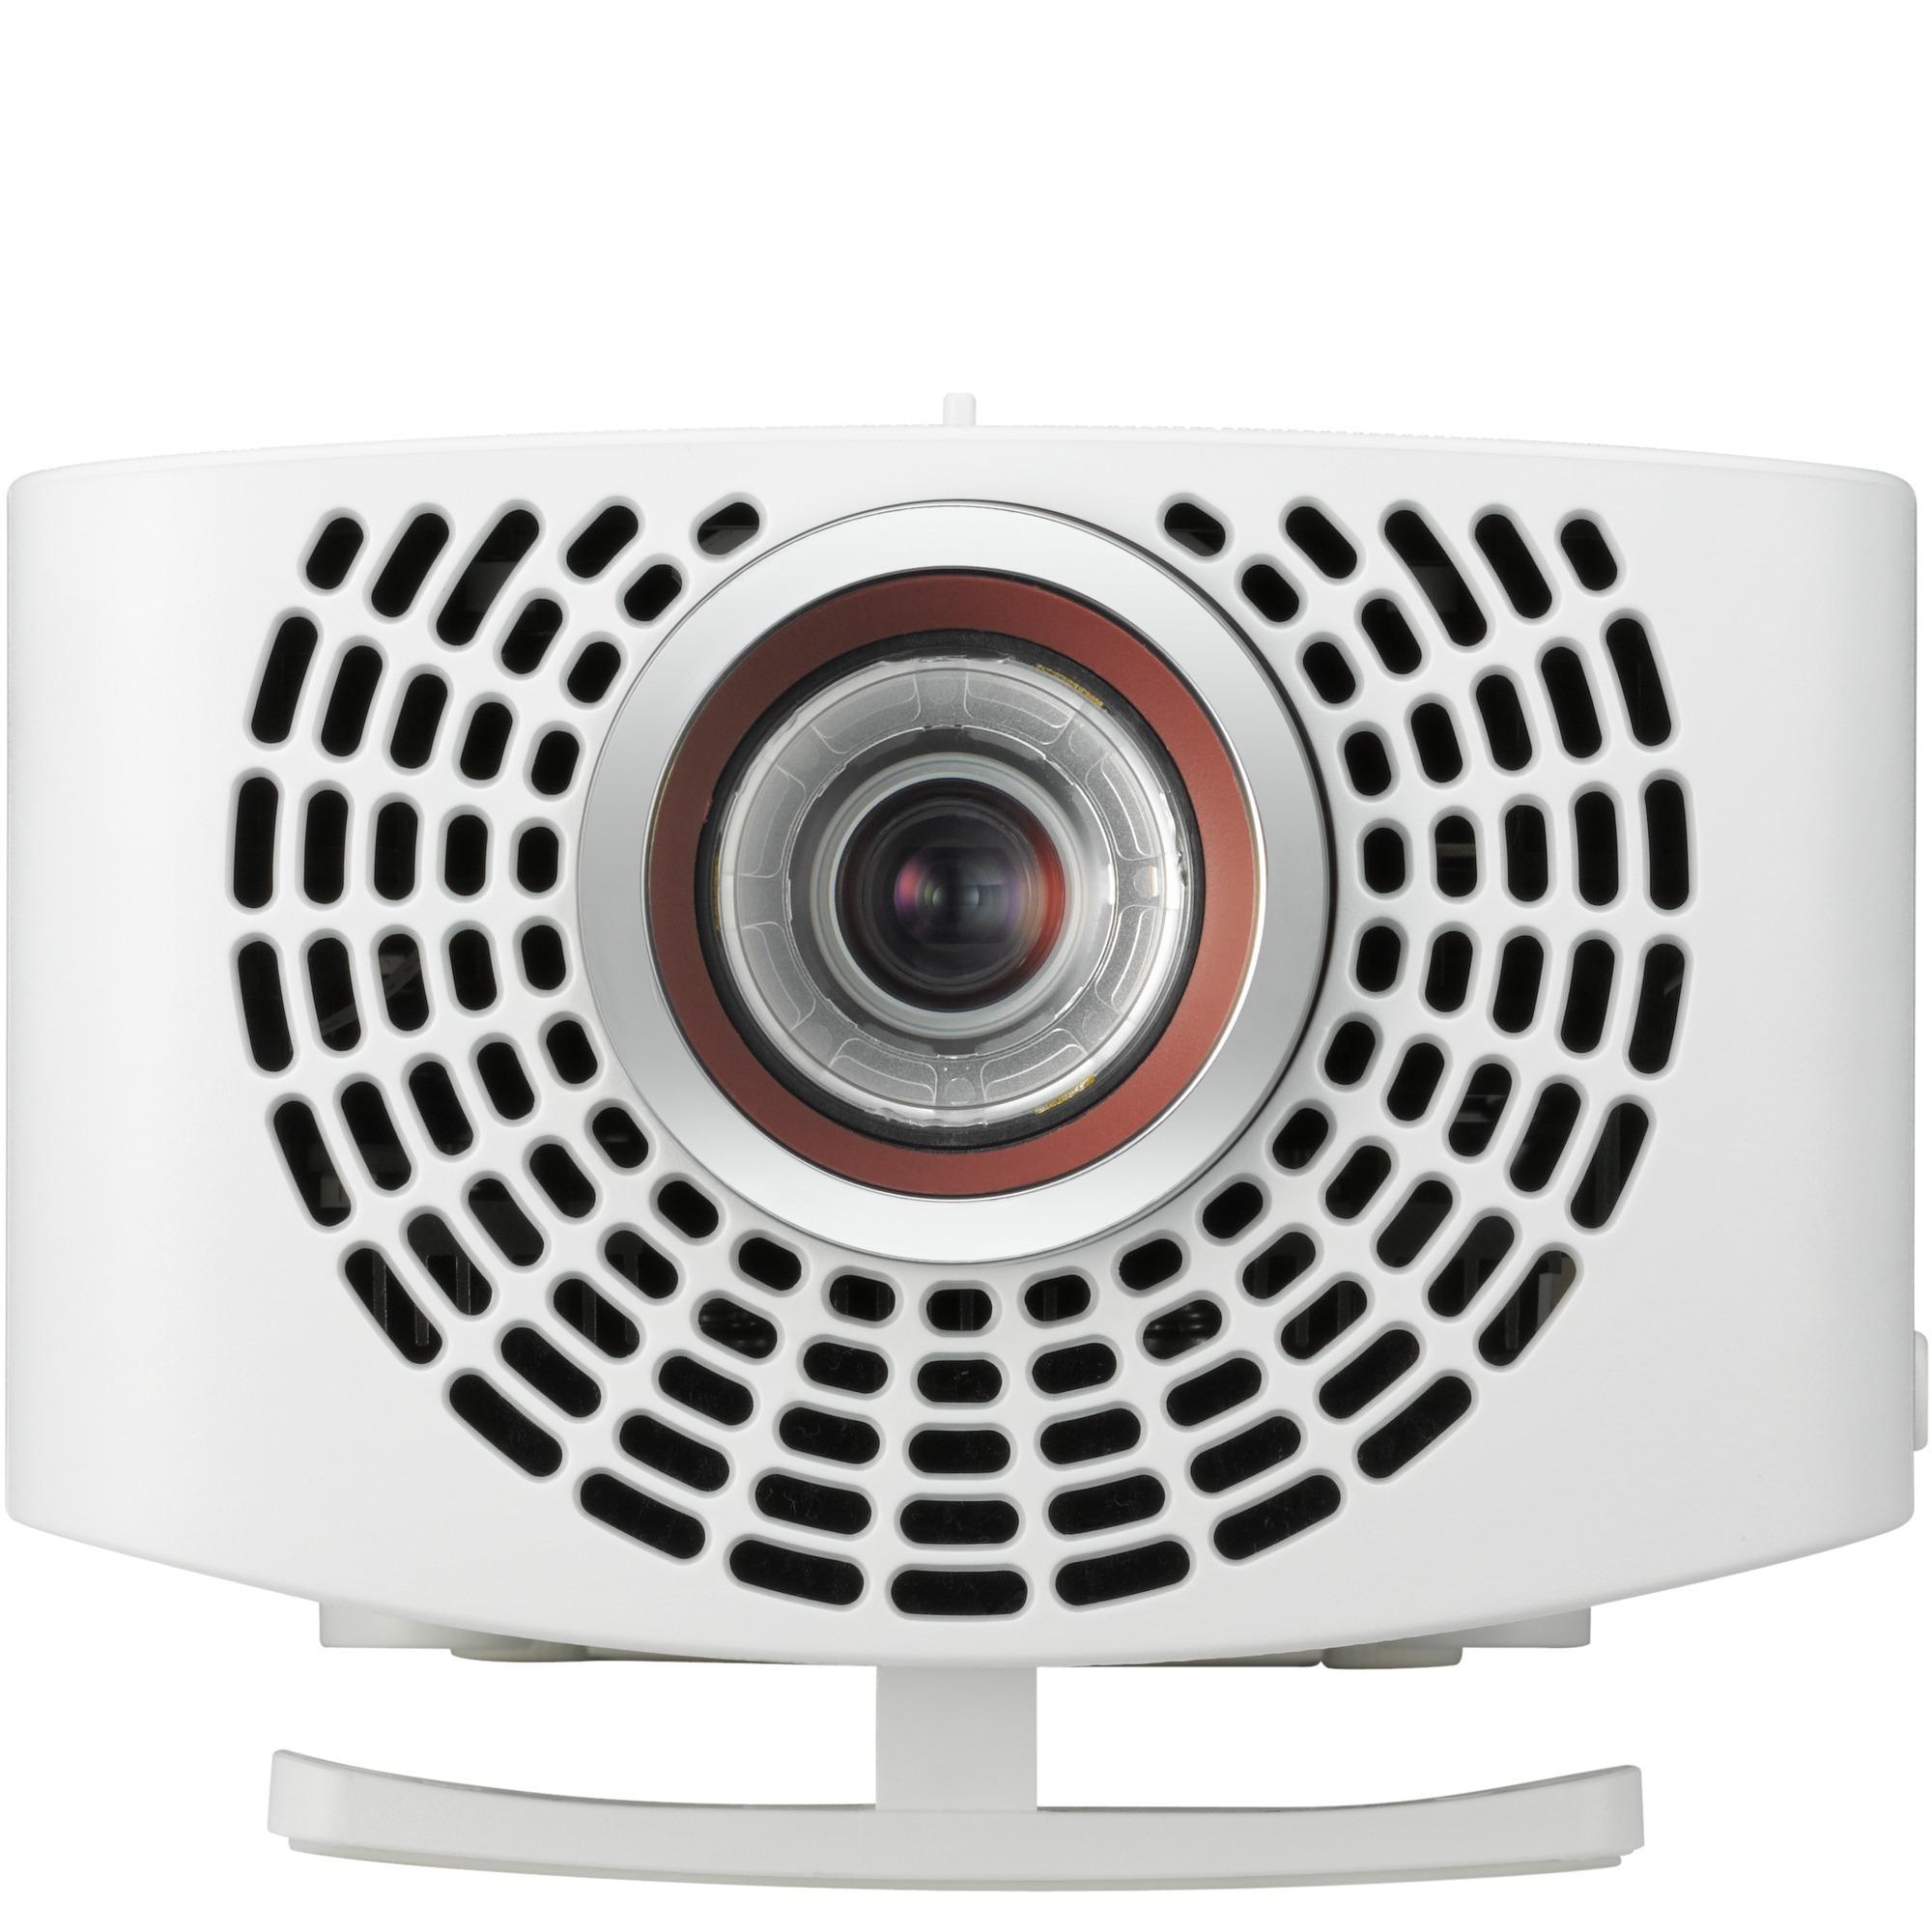 PF1500G Projecteur de bureau 1400ANSI lumens DLP 1080p (1920x1080) Blanc vidéo-projecteur, Projecteur à LED